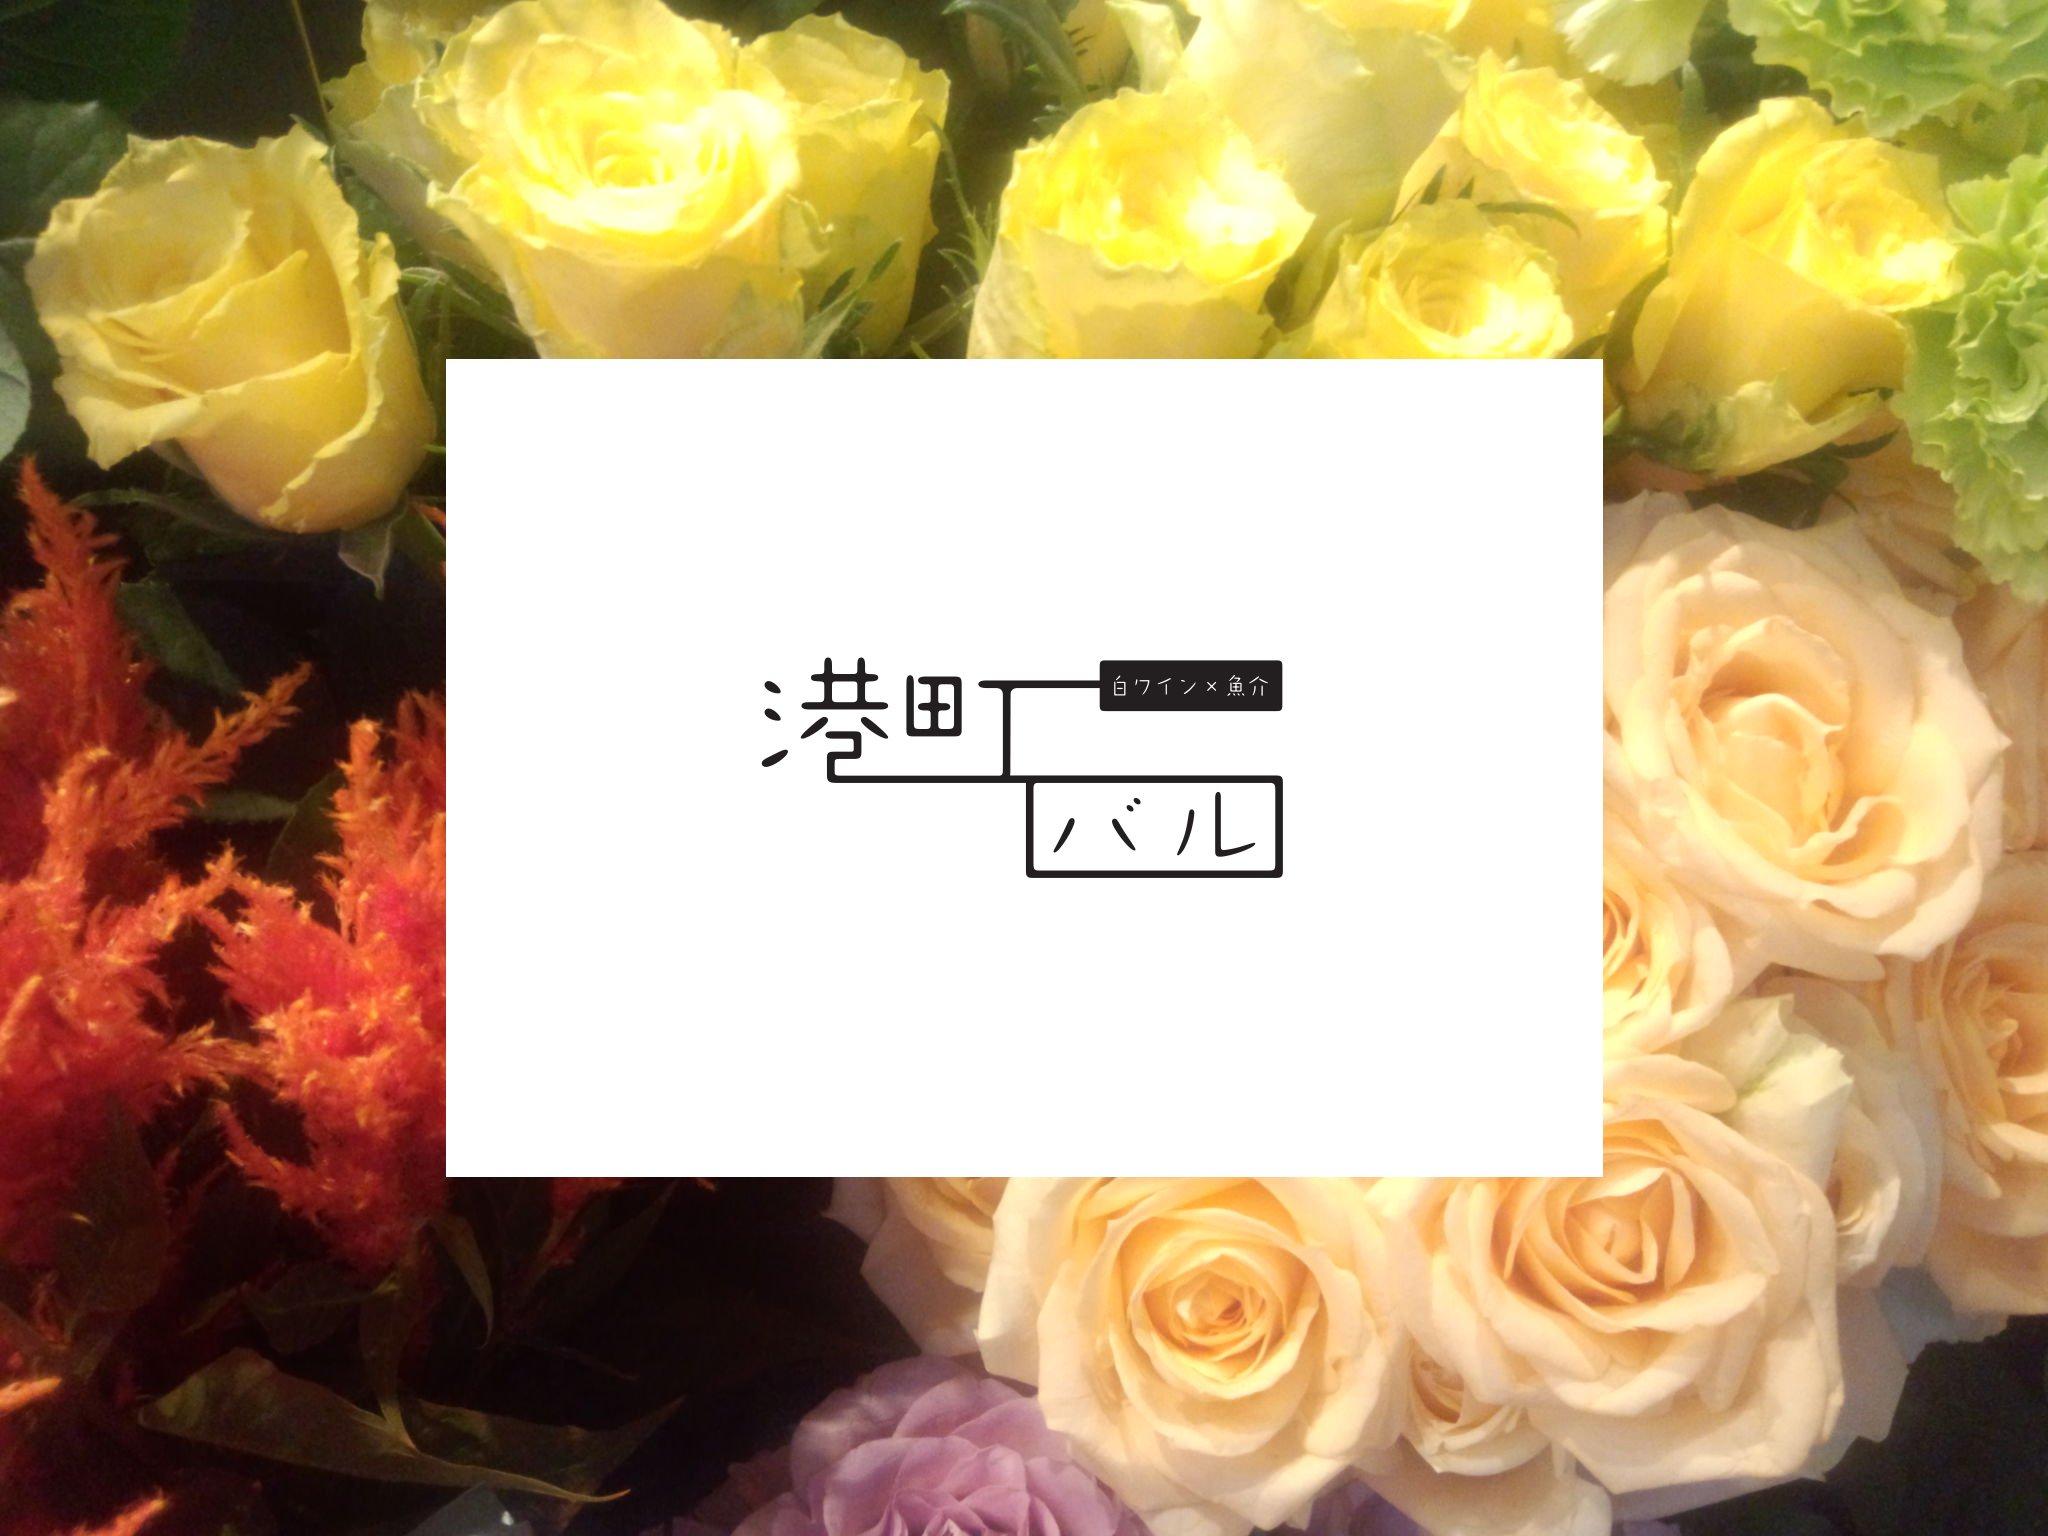 20131210001649498.jpg